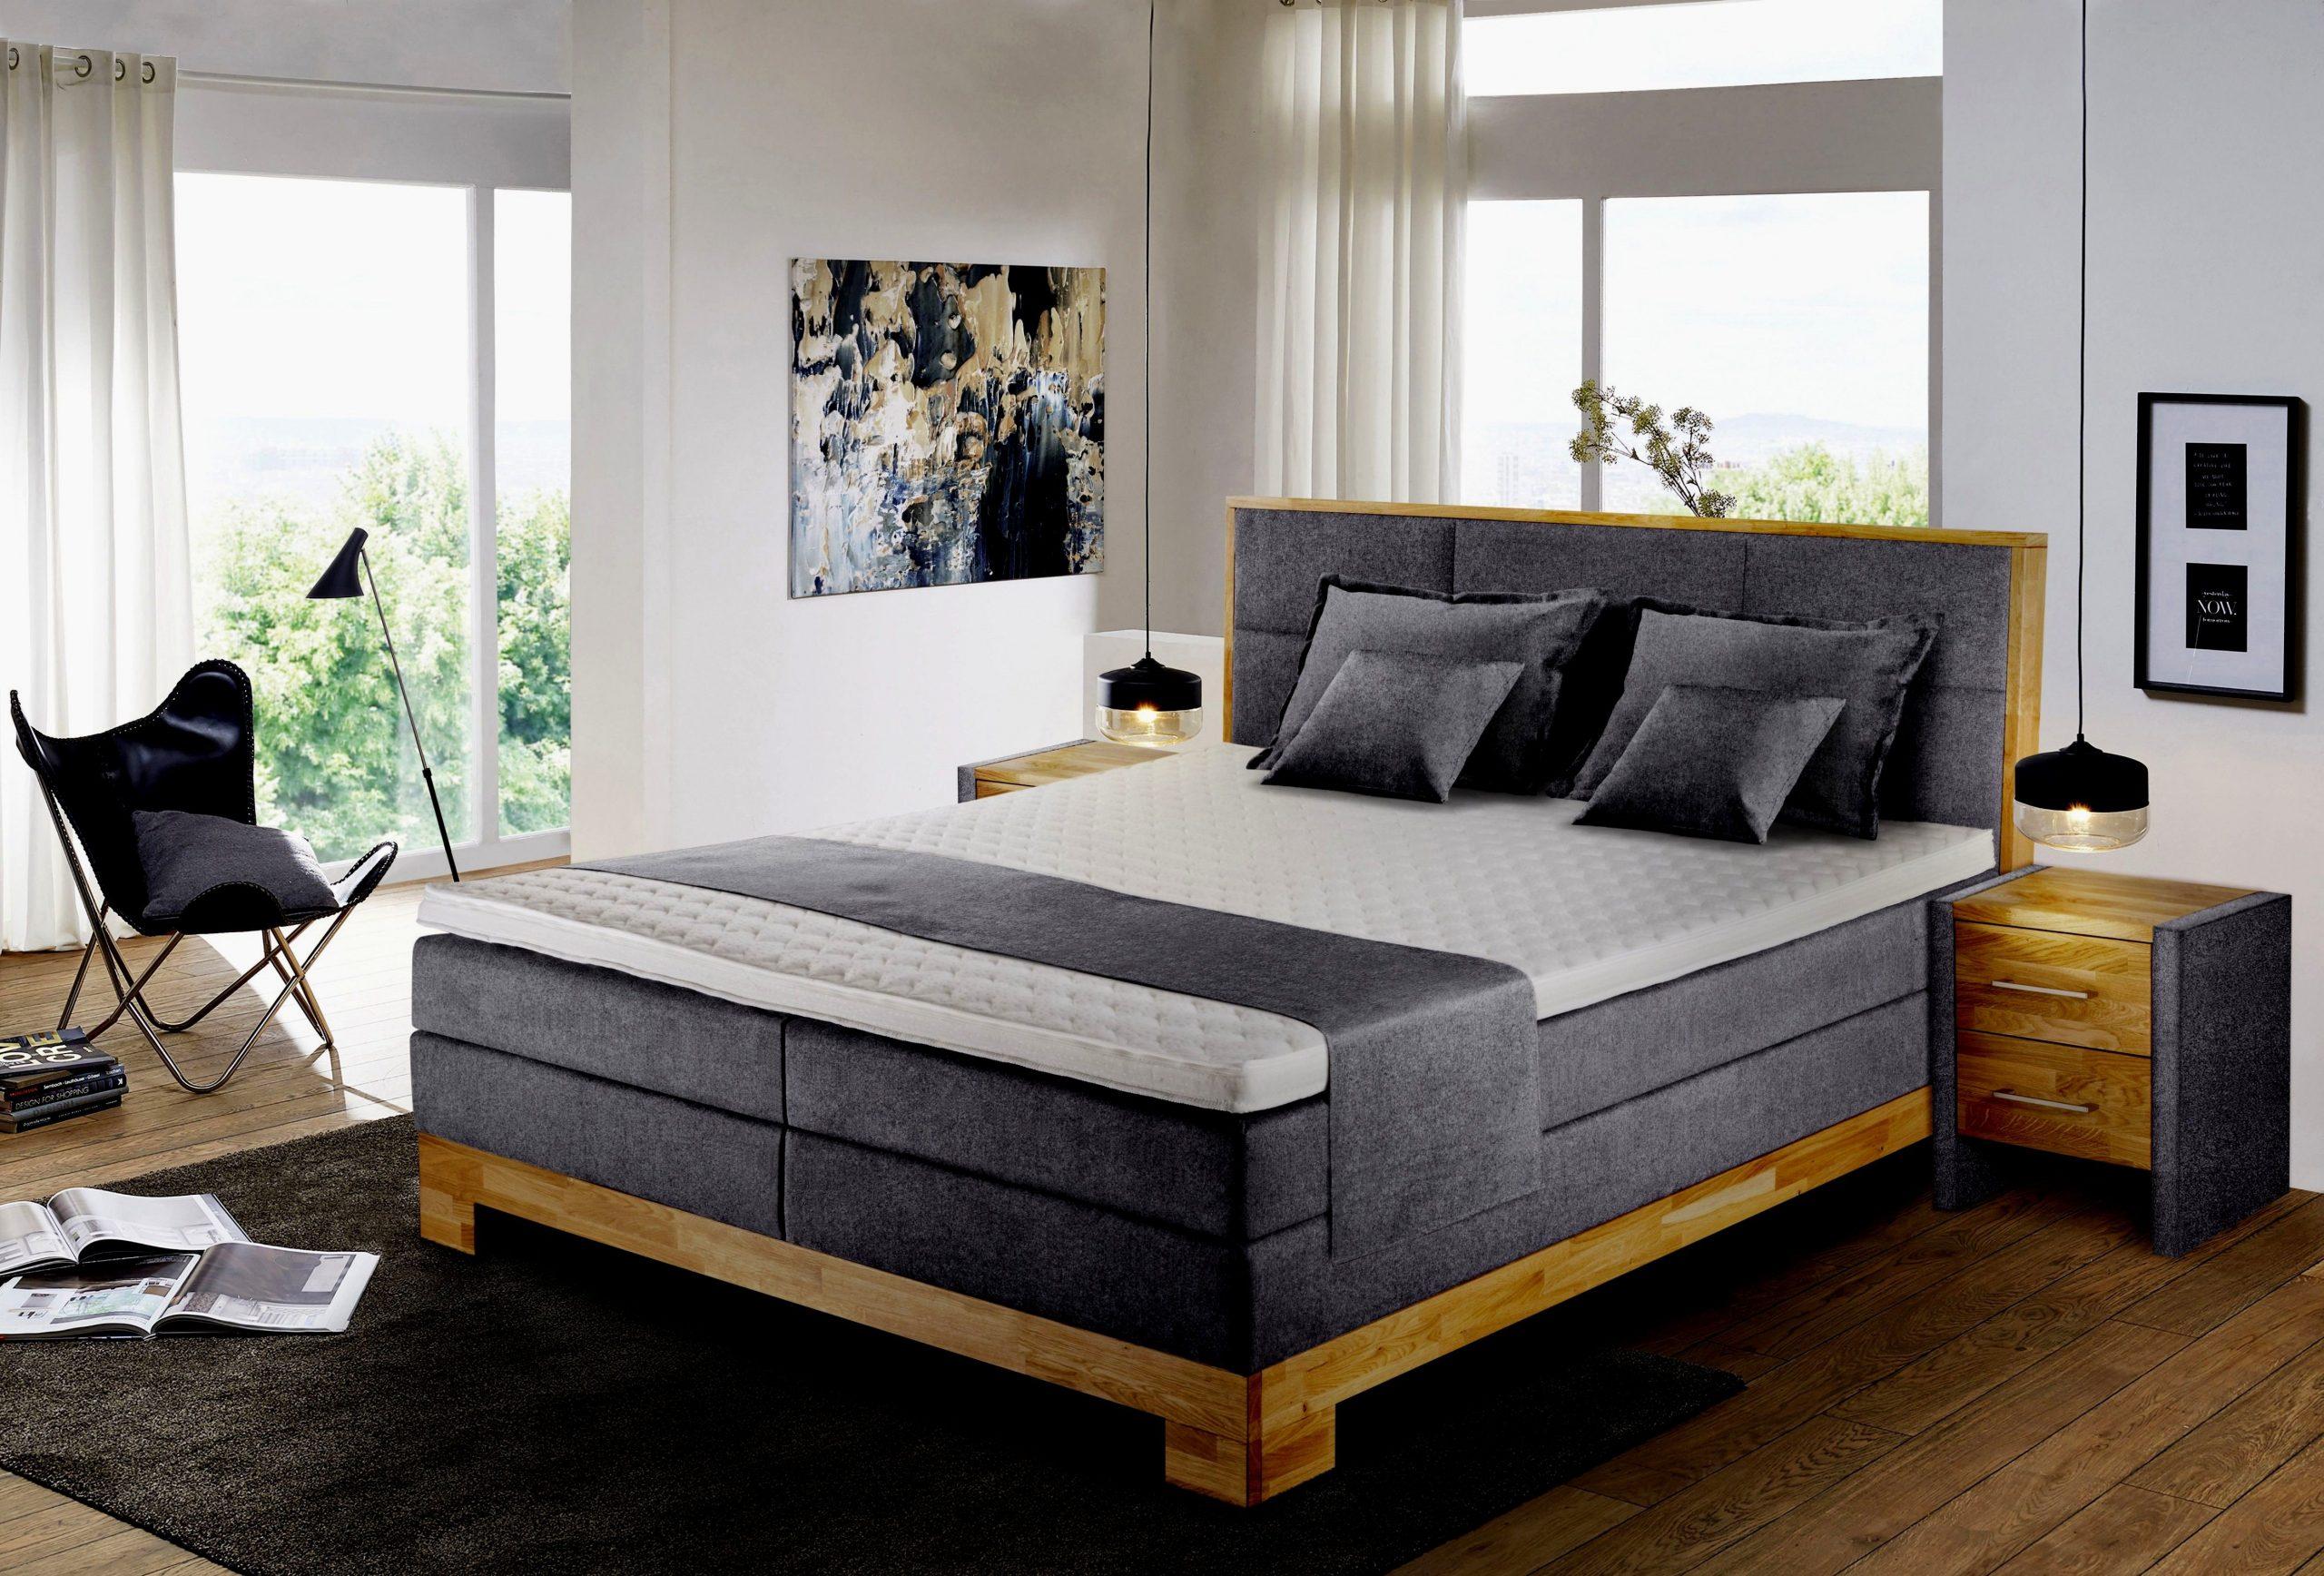 Full Size of Bett Modern Holz Sleep Better Design Italienisches Puristisch 180x200 120x200 Kaufen Leader 140x200 Eiche Betten Beyond Pillow Mbel Martin Boxspringbett Wohnzimmer Bett Modern